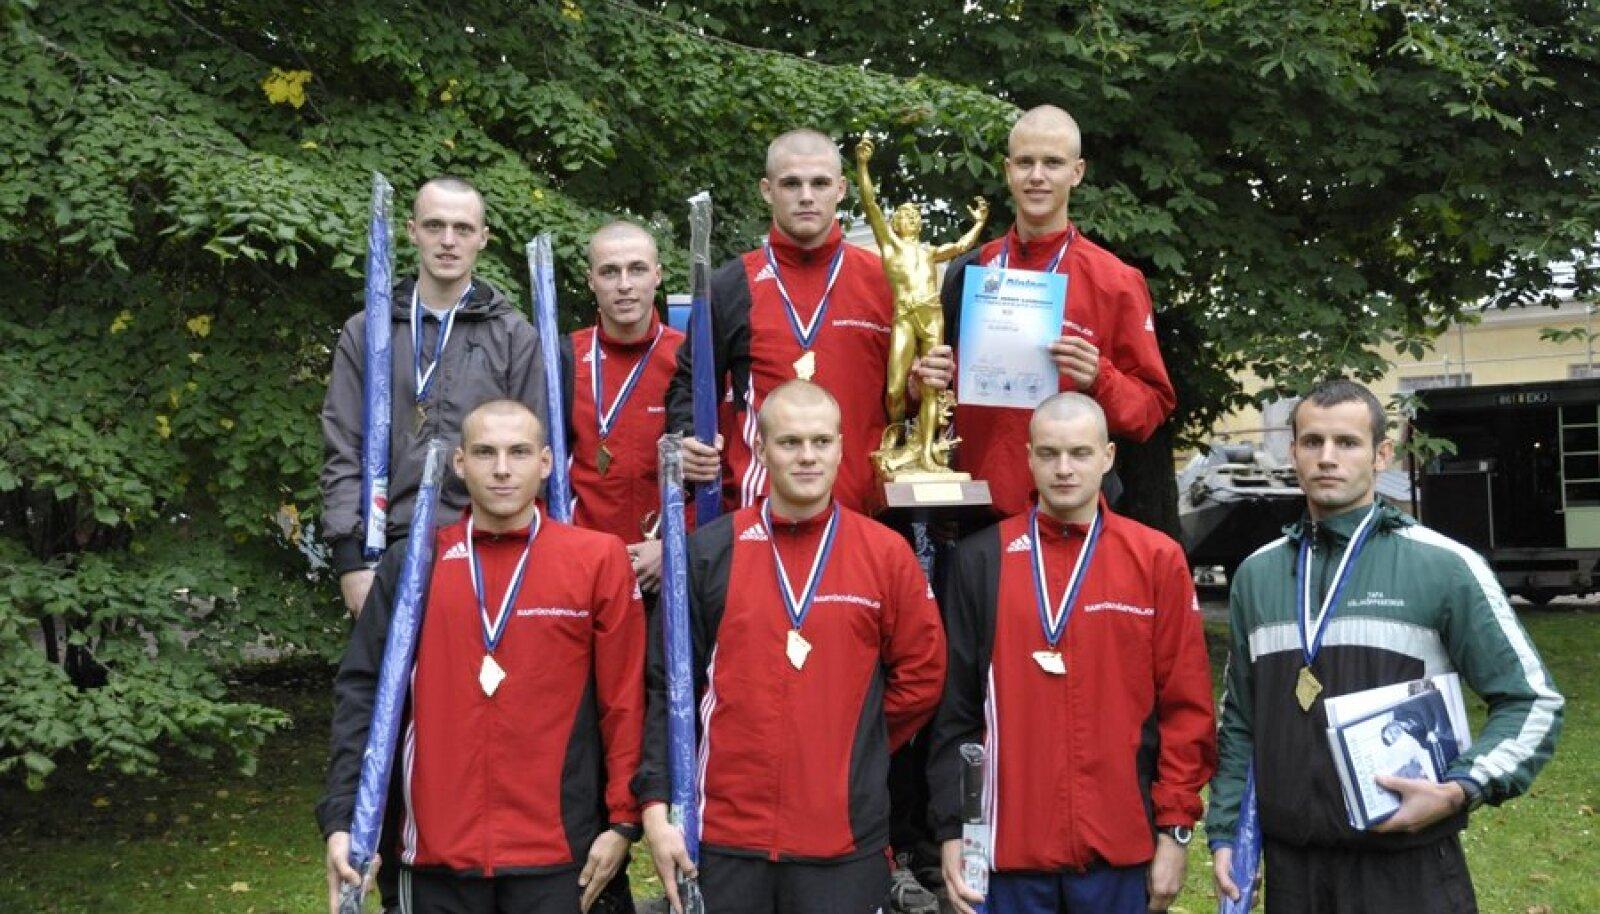 Laidoneri olümpiateatejooksu võitis Suurtükipataljon, foto Eesti Spordiseltsi Kalev